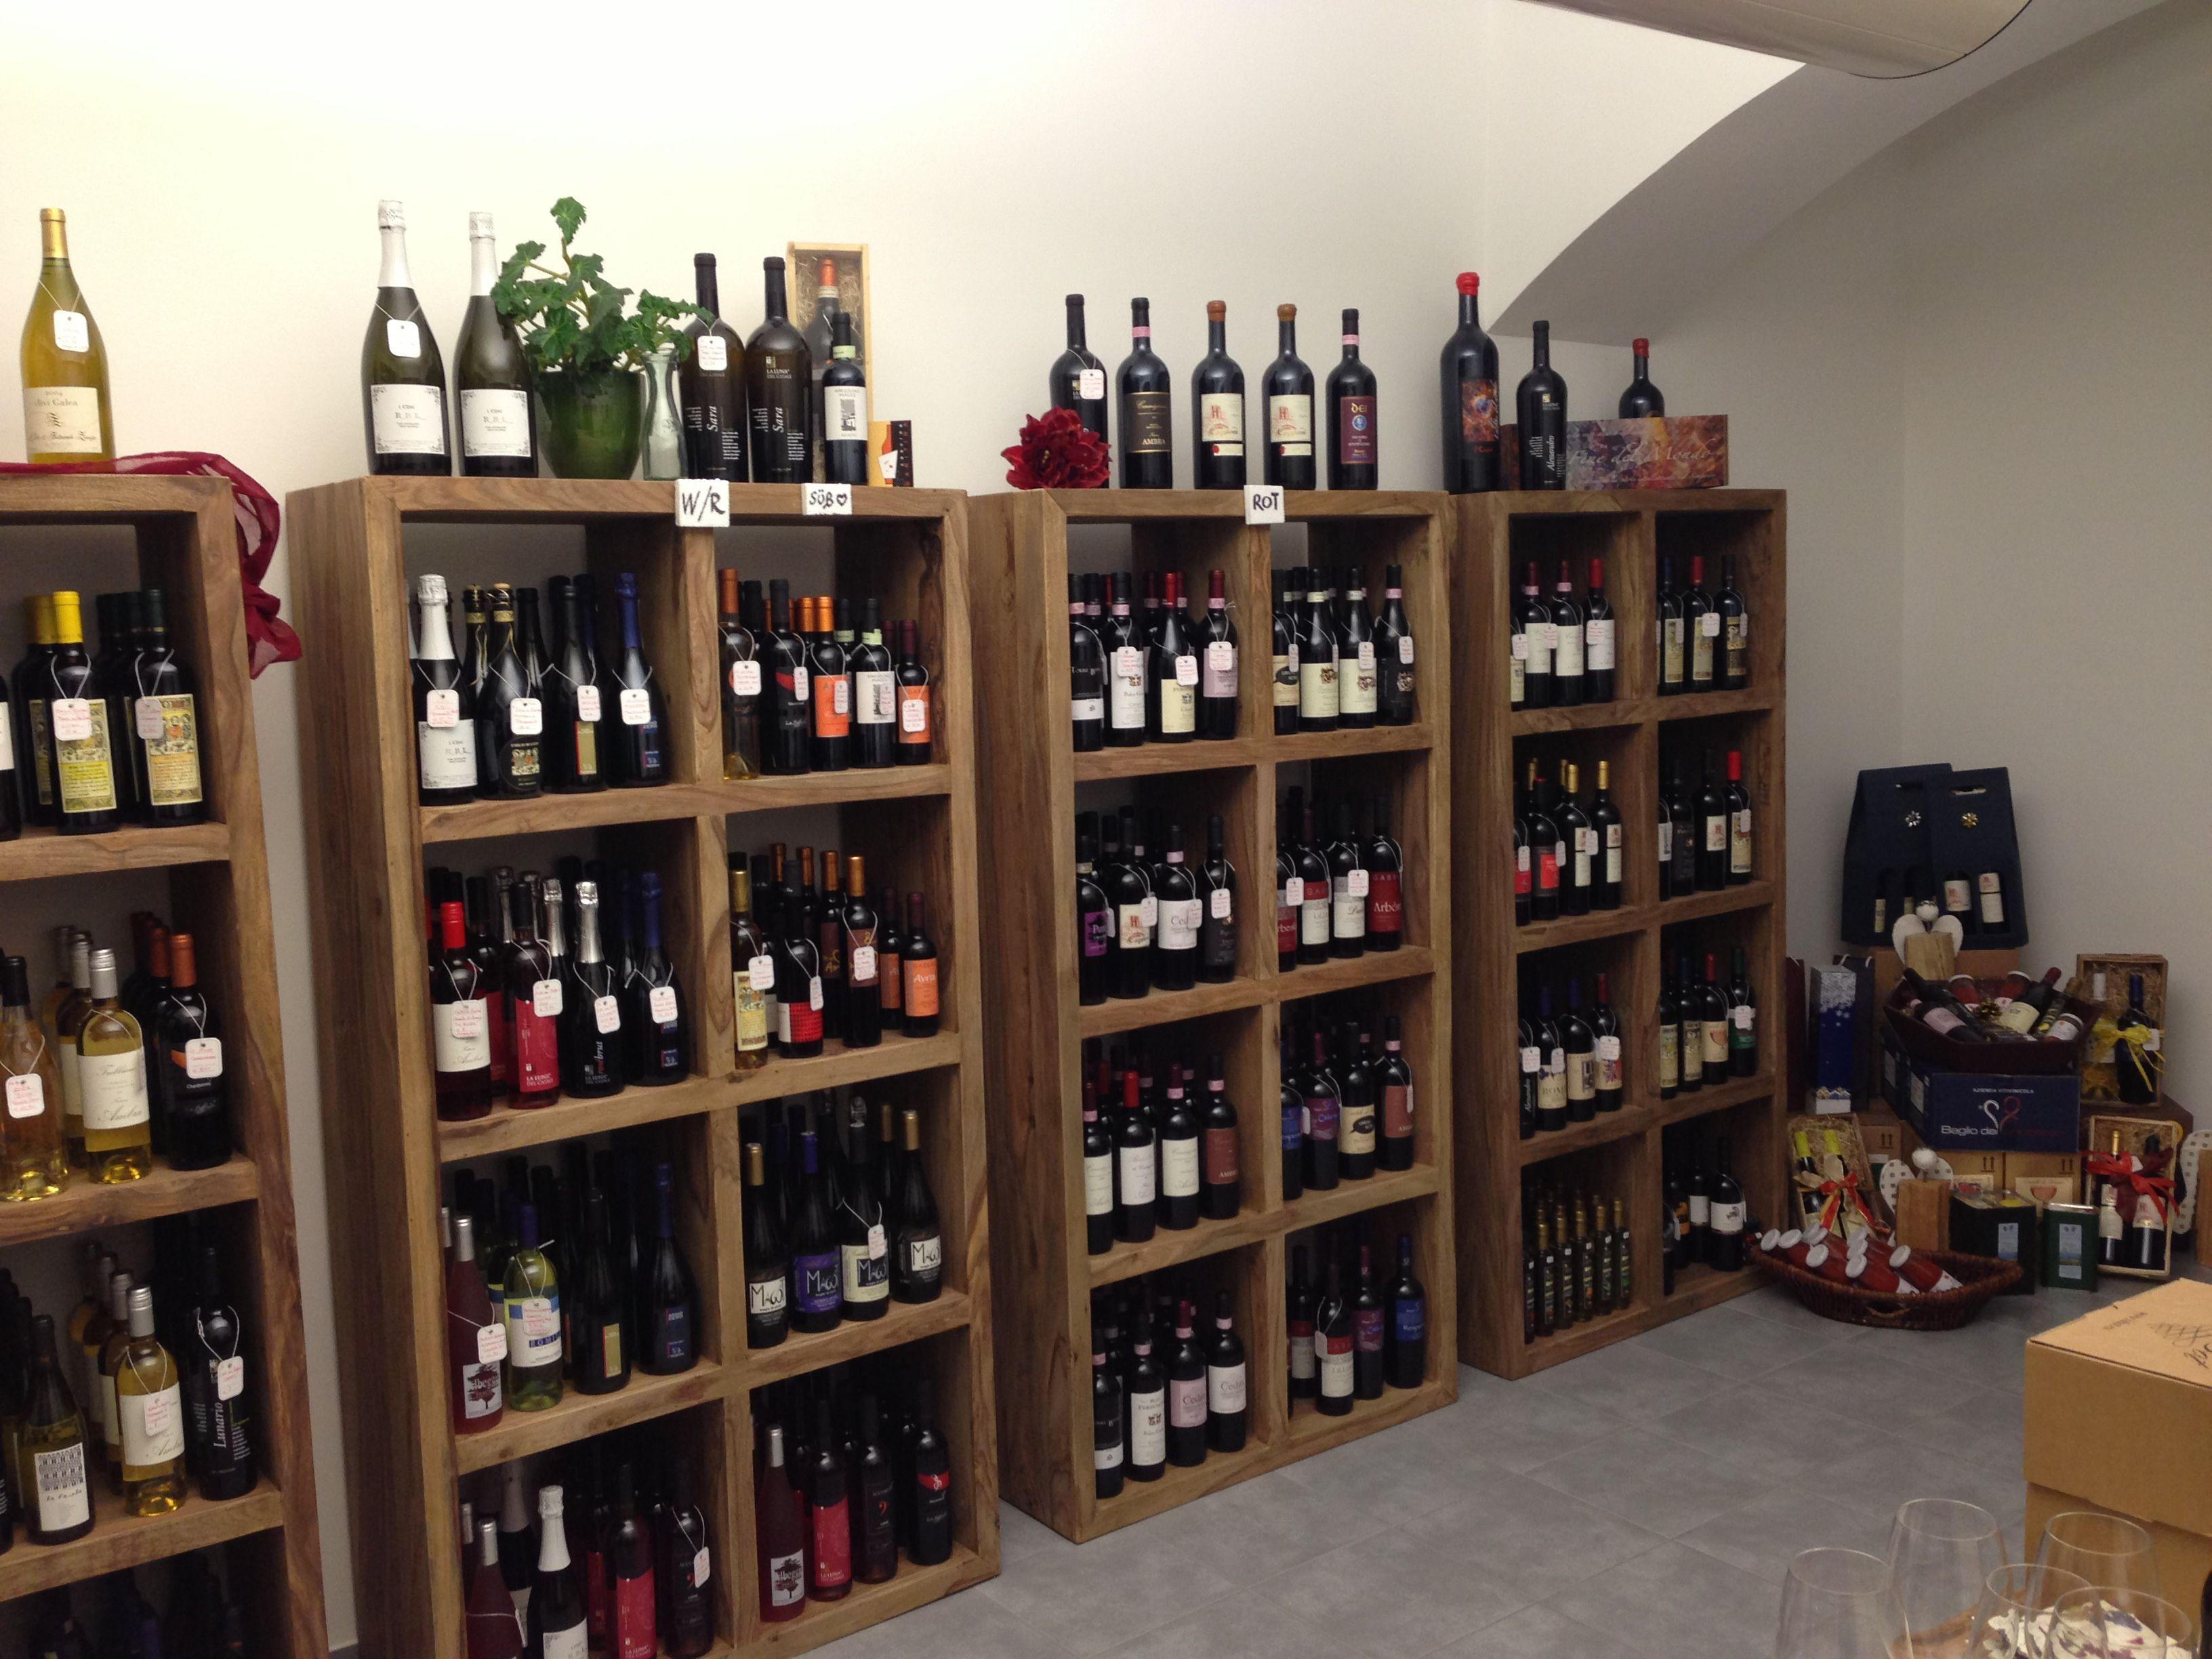 A casa di Emi, i vini che si trovano sono come percorrere pagine della mia vita. Ogni bottiglia è un momento, un incontro, un viaggio e nuove fantastiche persone da incontrare e conoscere. Vita.